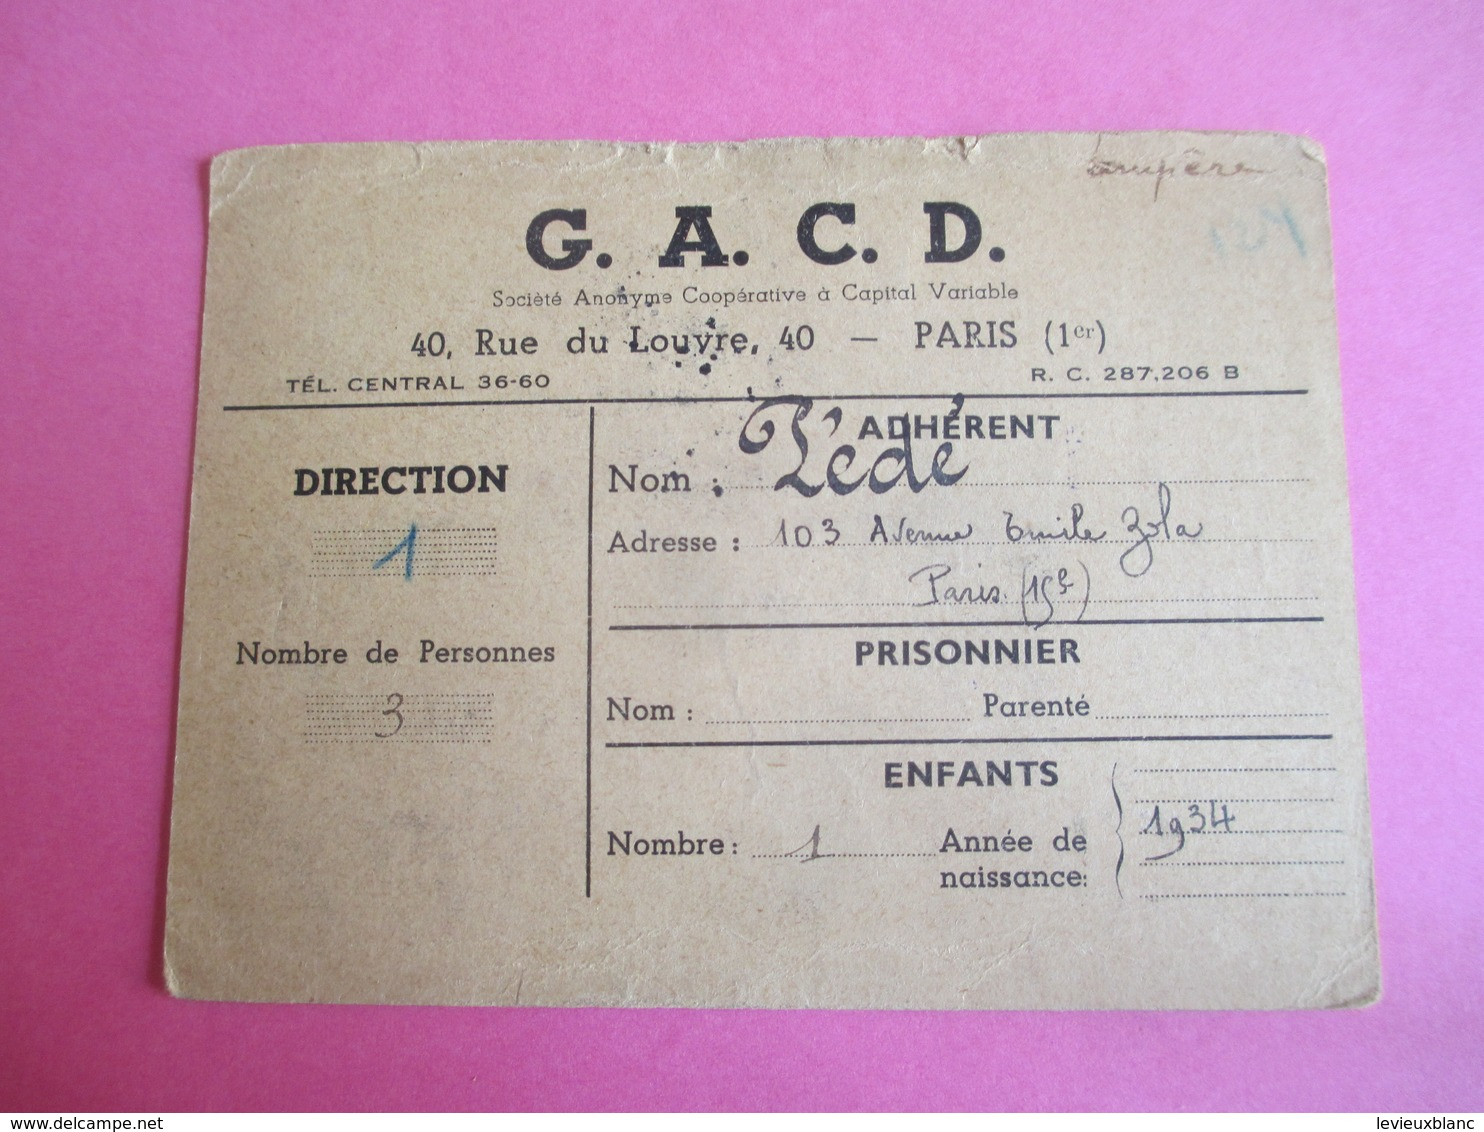 Militaria/Doc Administratif/G.A.C.D./Rue Du Louvre Paris/Distribution De Vin/Verres Vides Rendus/Daniel PEDE/1945 AEC136 - Autres Collections